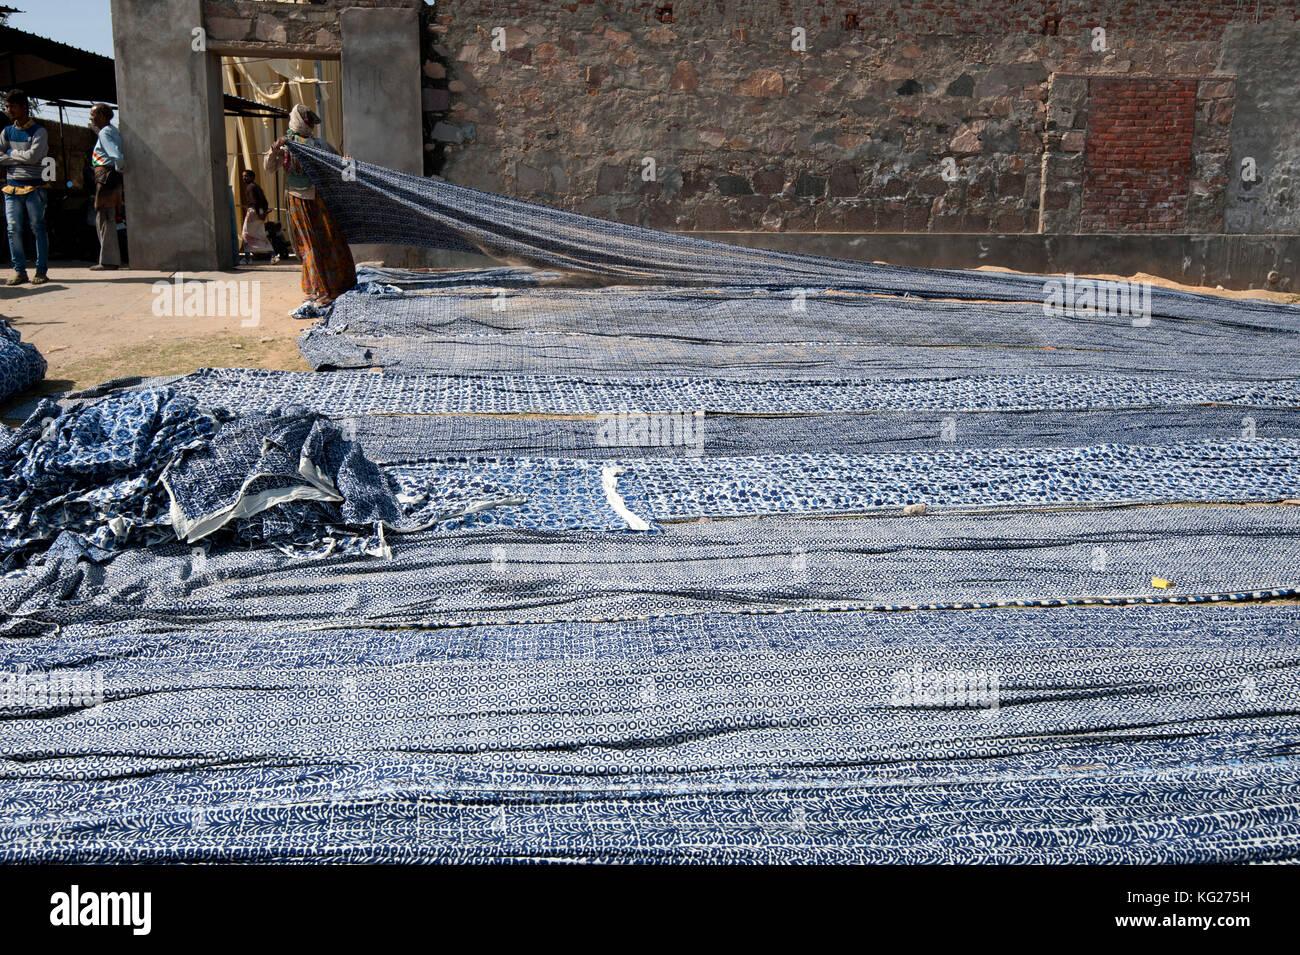 Schrauben aus Baumwolle, Bildschirm mit Indigo gedruckt, das Trocknen in der Wüste Sonne, bagru, Rajasthan, Stockbild